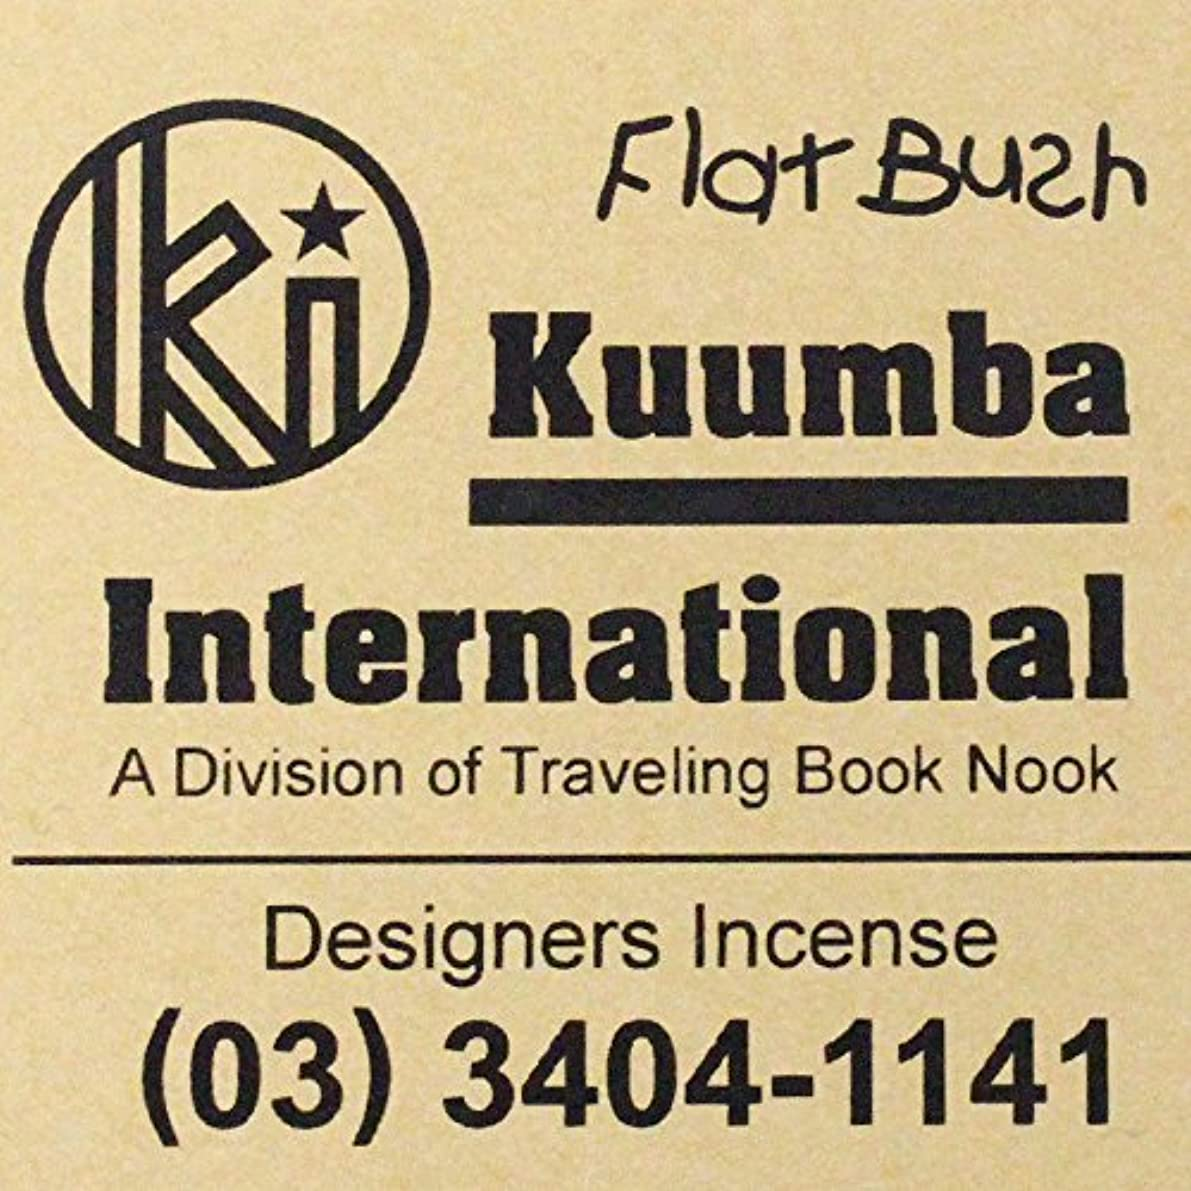 (クンバ) KUUMBA『incense』(Flat Bush) (Regular size)